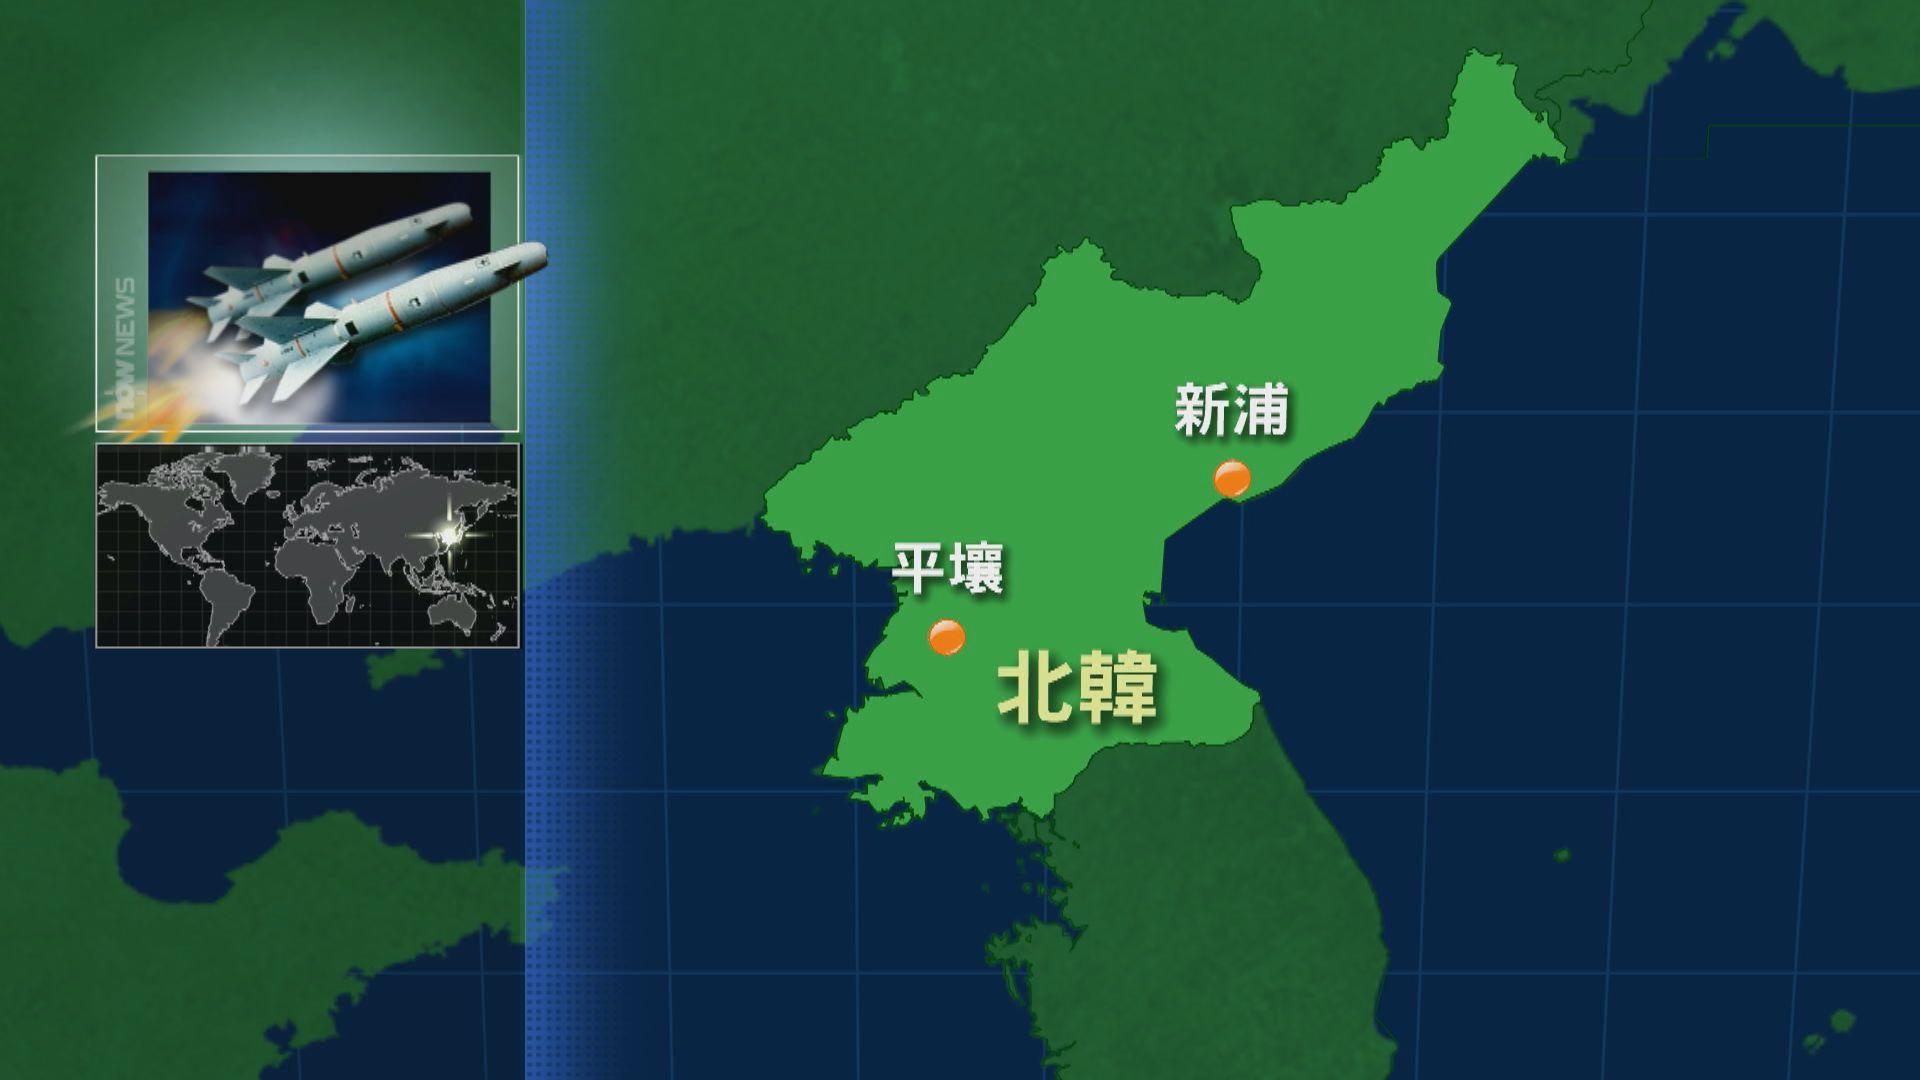 北韓再次試射彈道導彈 消息指可能是潛射